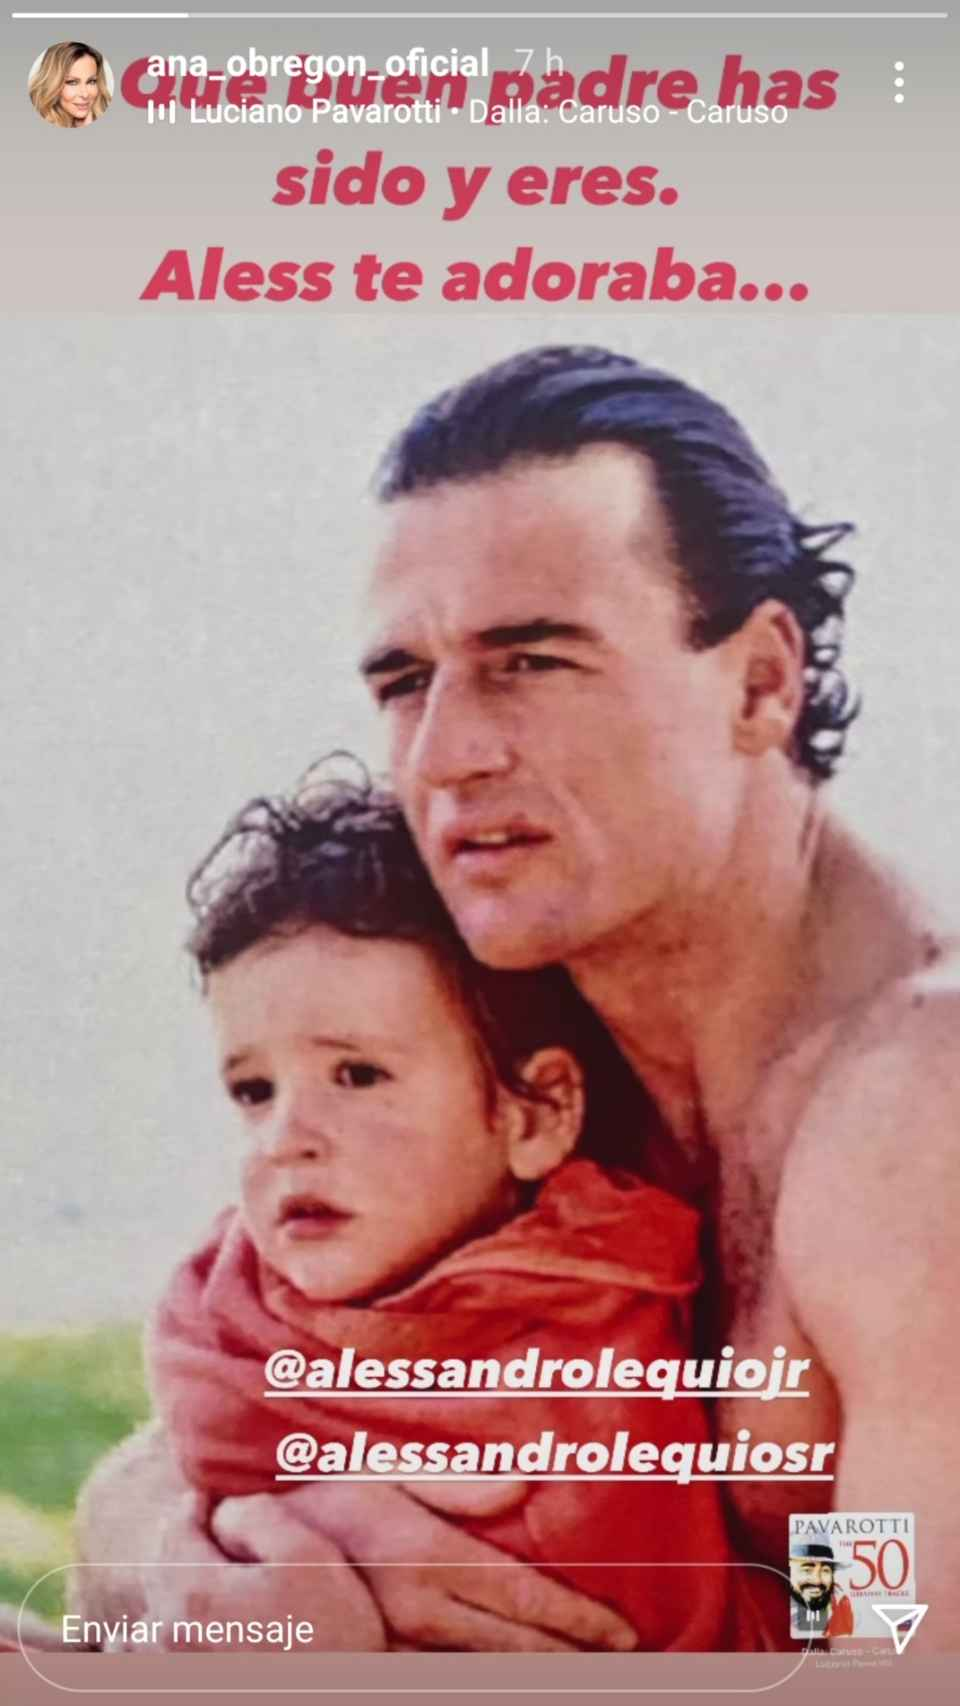 Esta es la imagen con la que Ana Obregón salía en defensa de Alessandro Lequio.